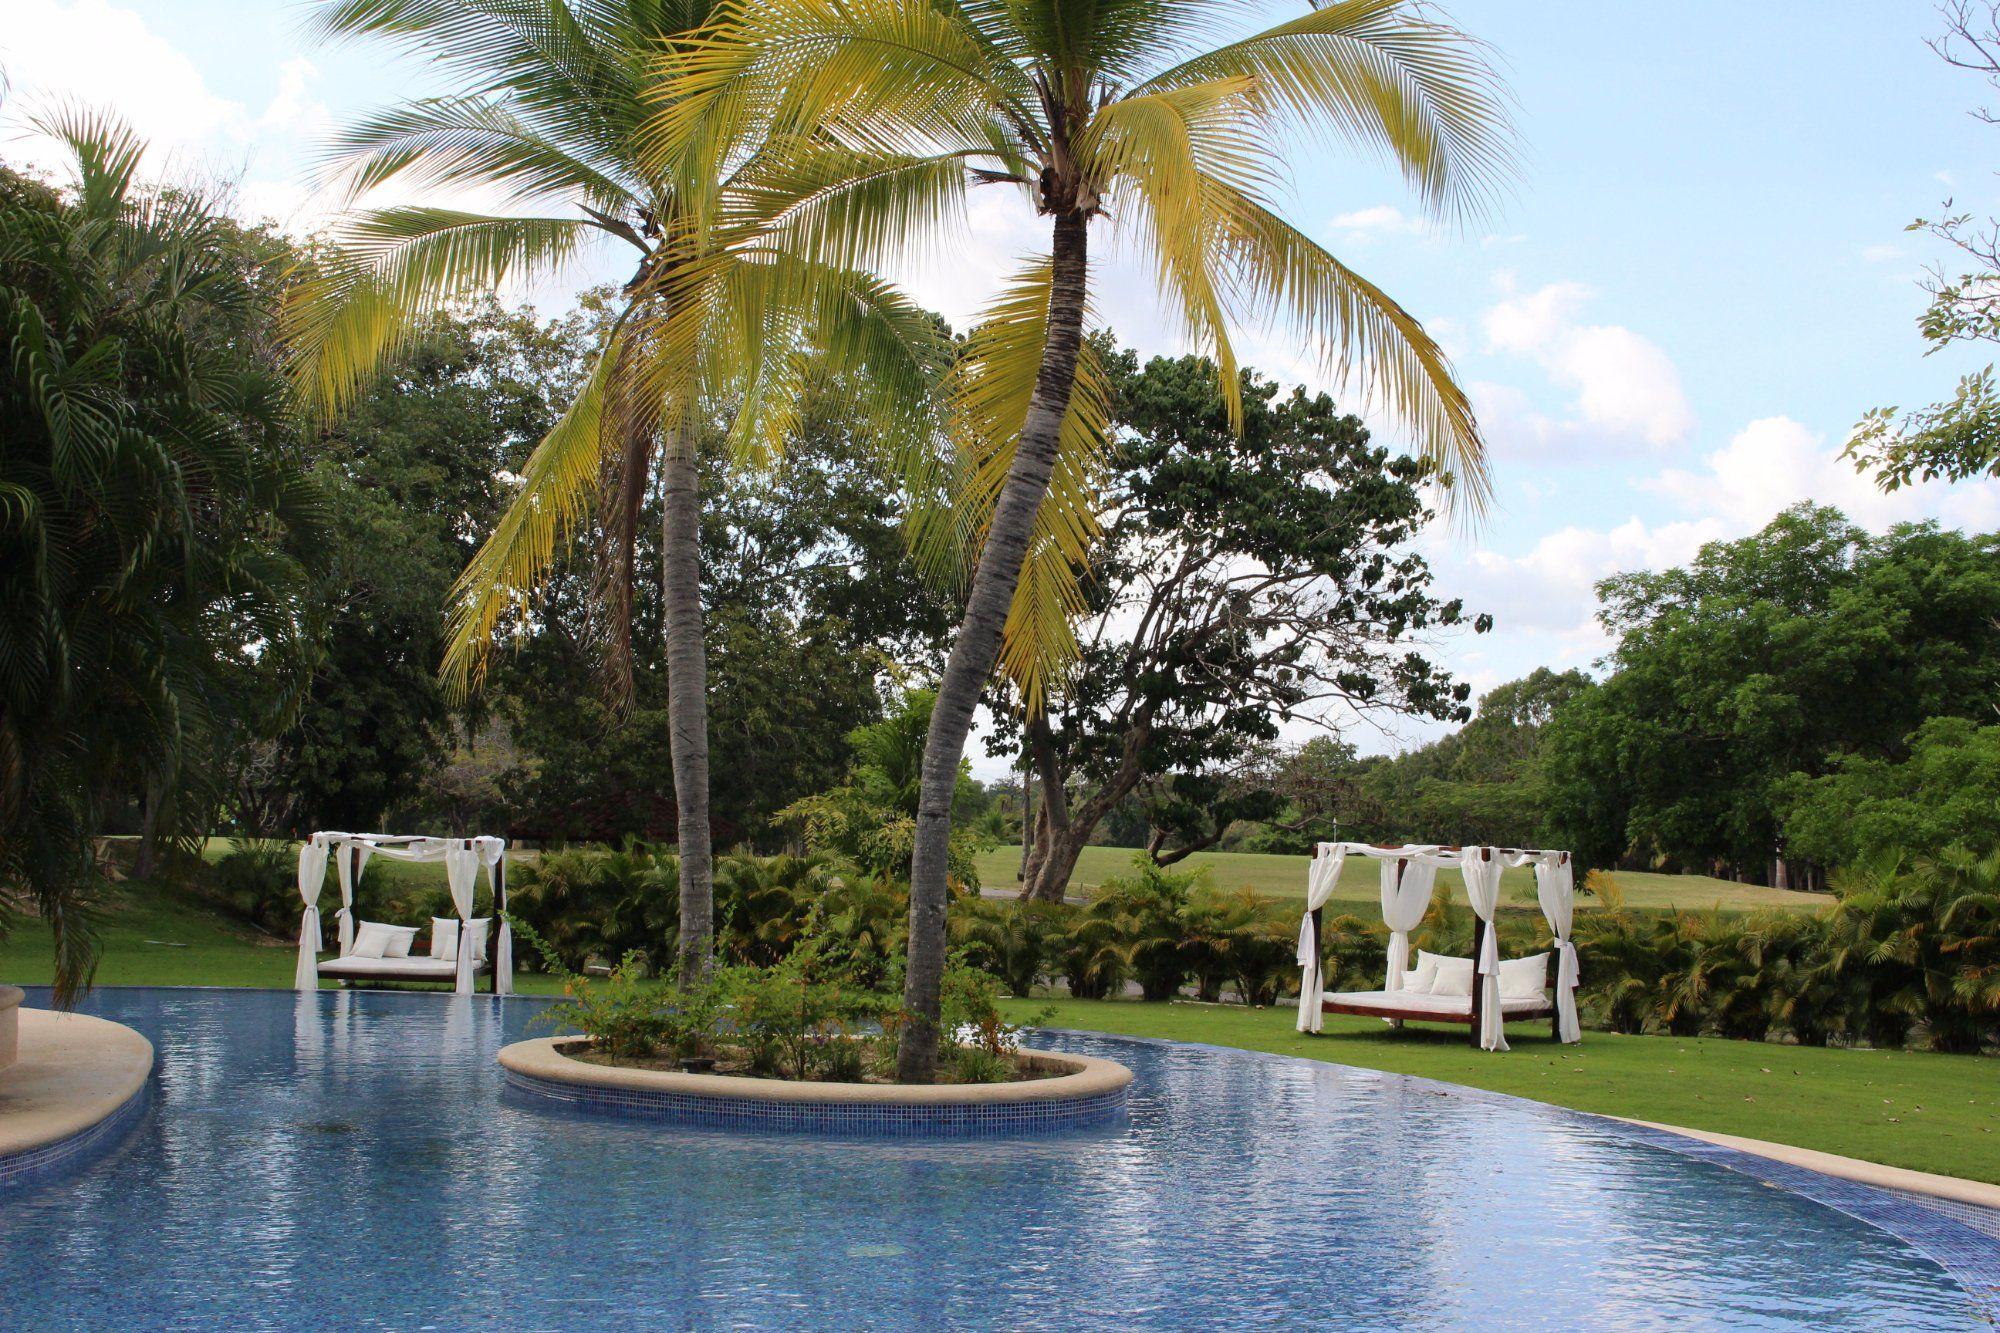 Bluebay Coronado Golf Beach Resort Desde 2 403 Panama Playa Coronado Opiniones Y Comentarios Complejo Turistico Panama Playas Hoteles En Panama Playa